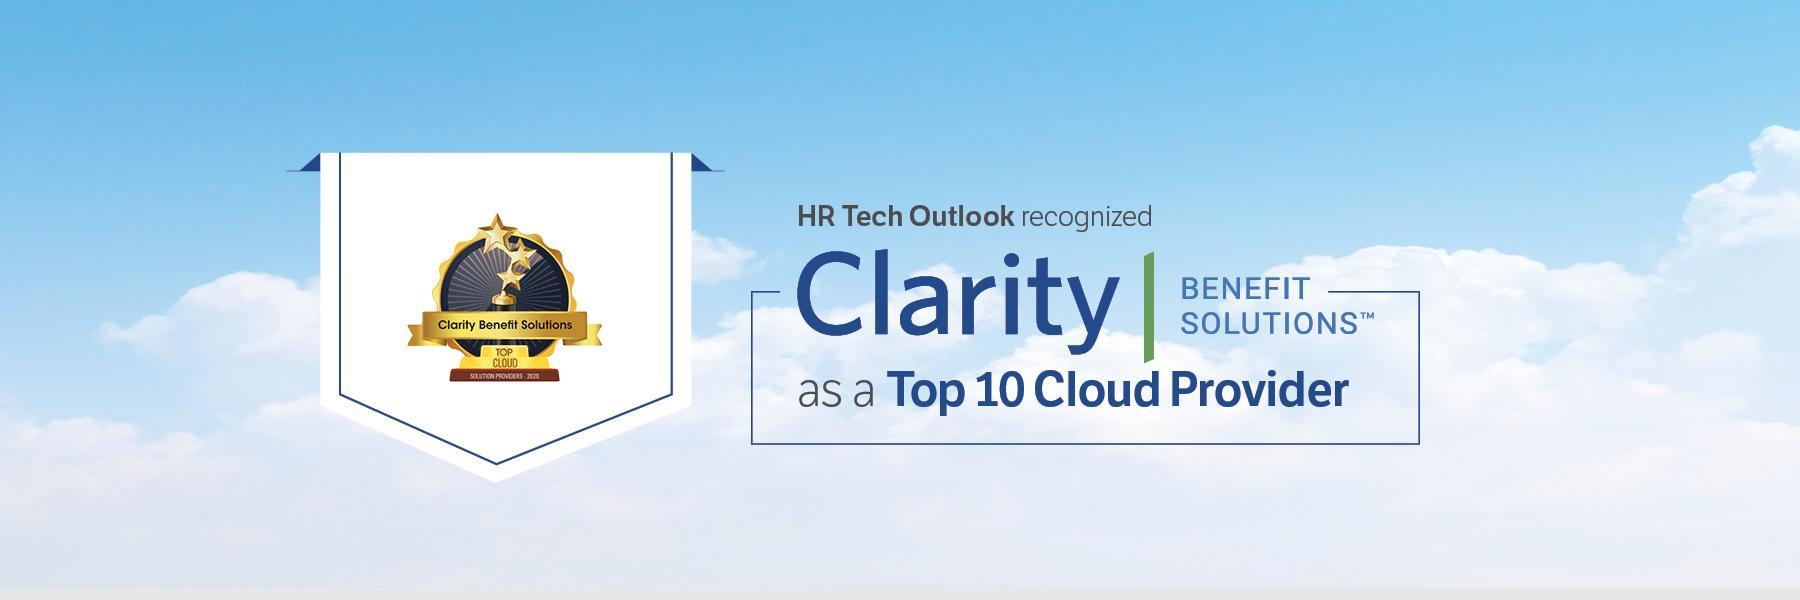 Top 10 Cloud Provider